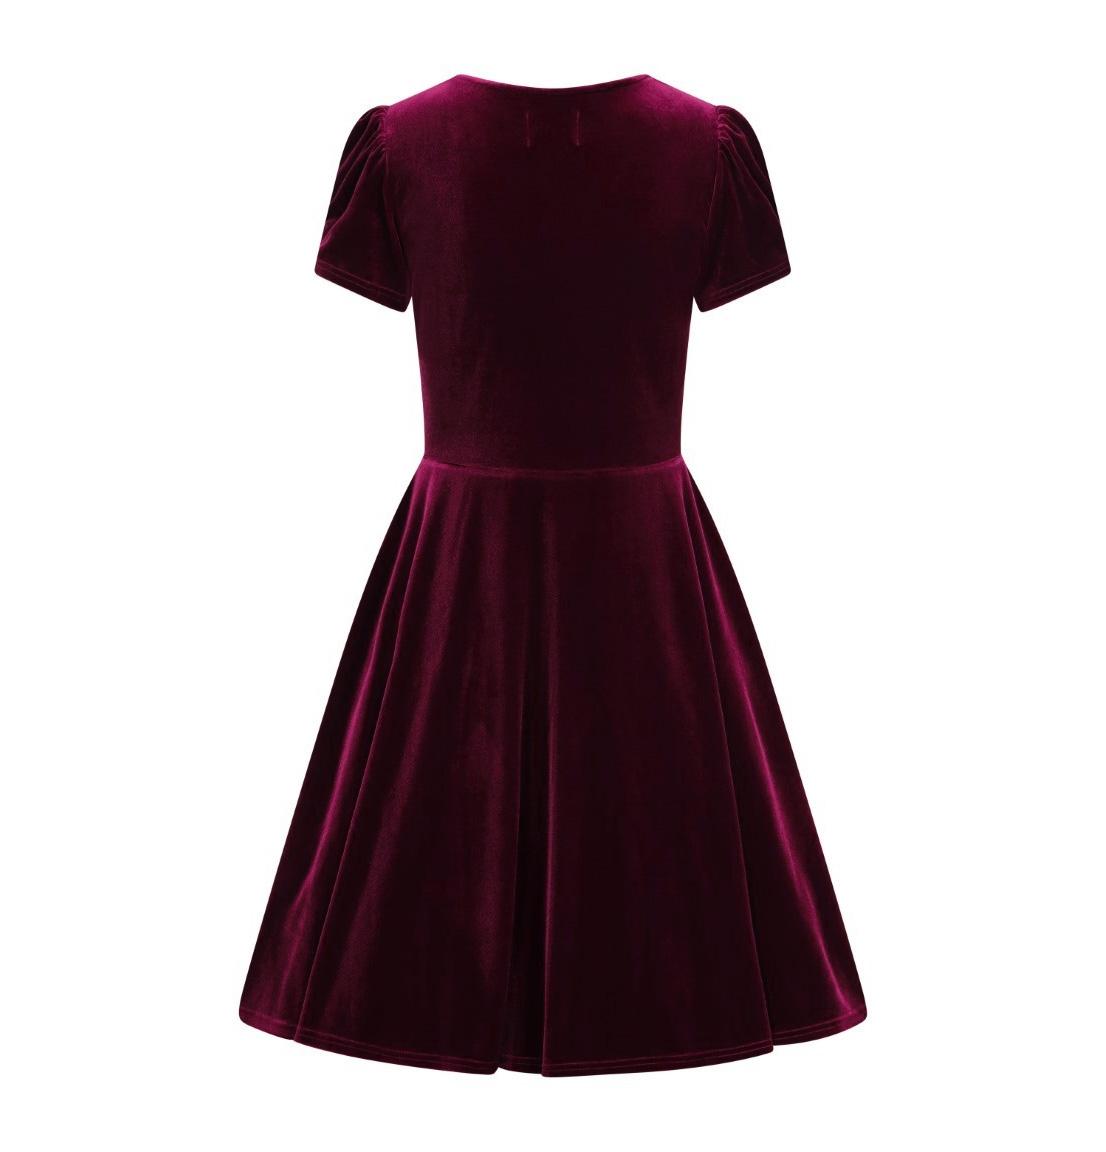 Hell-Bunny-40s-50s-Elegant-Pin-Up-Dress-JOANNE-Crushed-Velvet-Burgundy-All-Sizes thumbnail 13